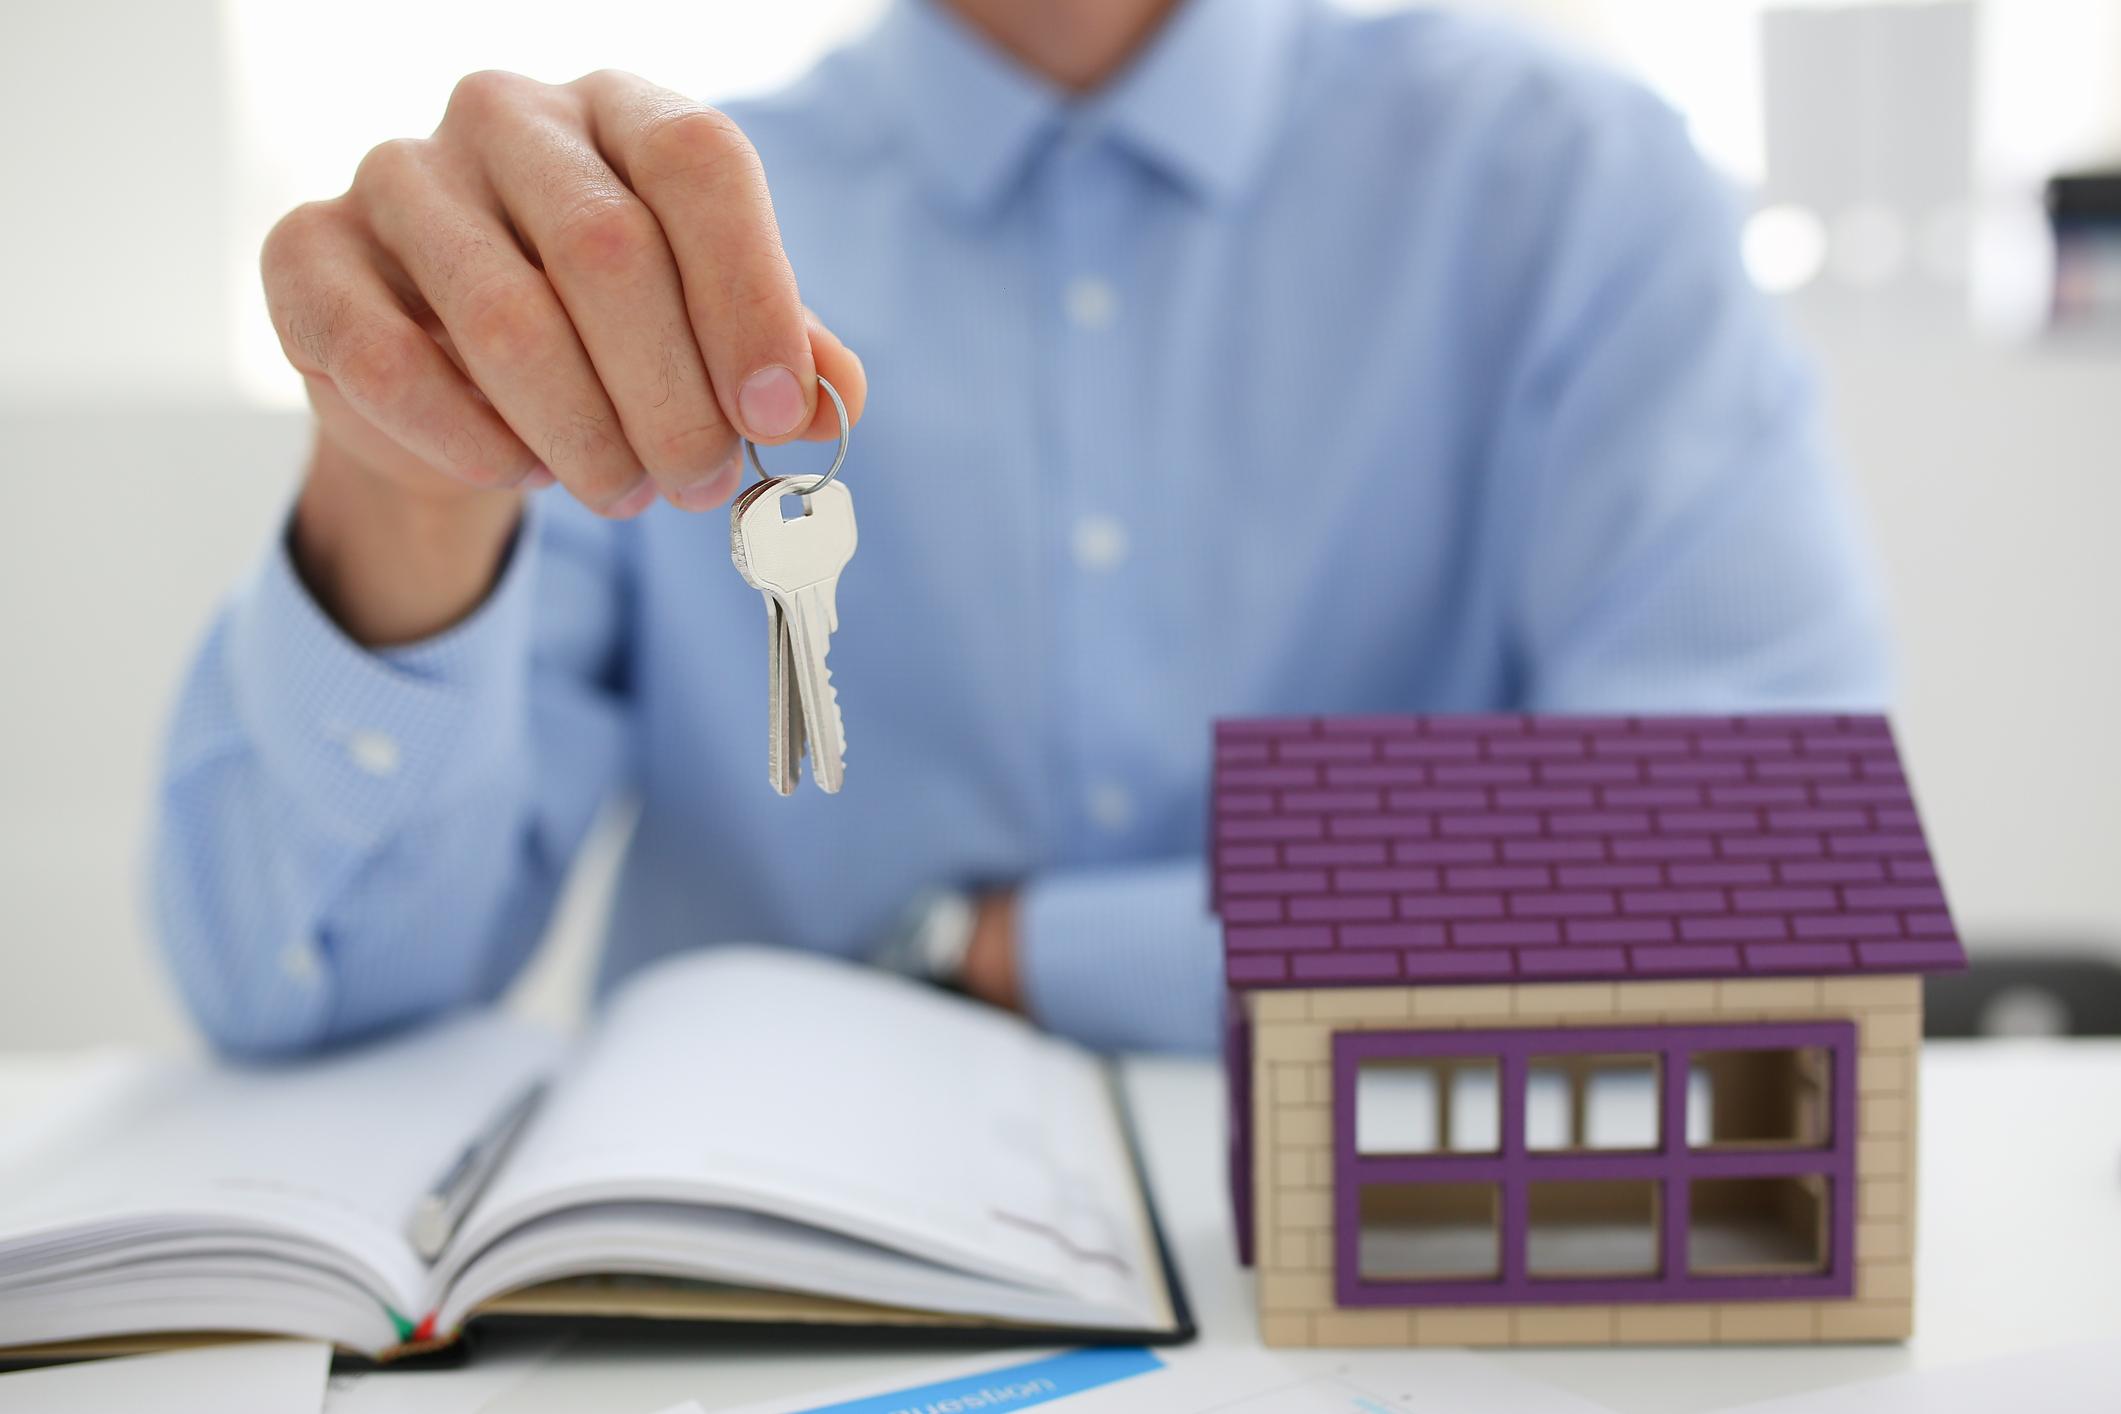 Homem de camisa azul segurando chaves com cotovelo apoiado sobre livro aberto ao lado de uma maquete de casa encima de uma mesa.